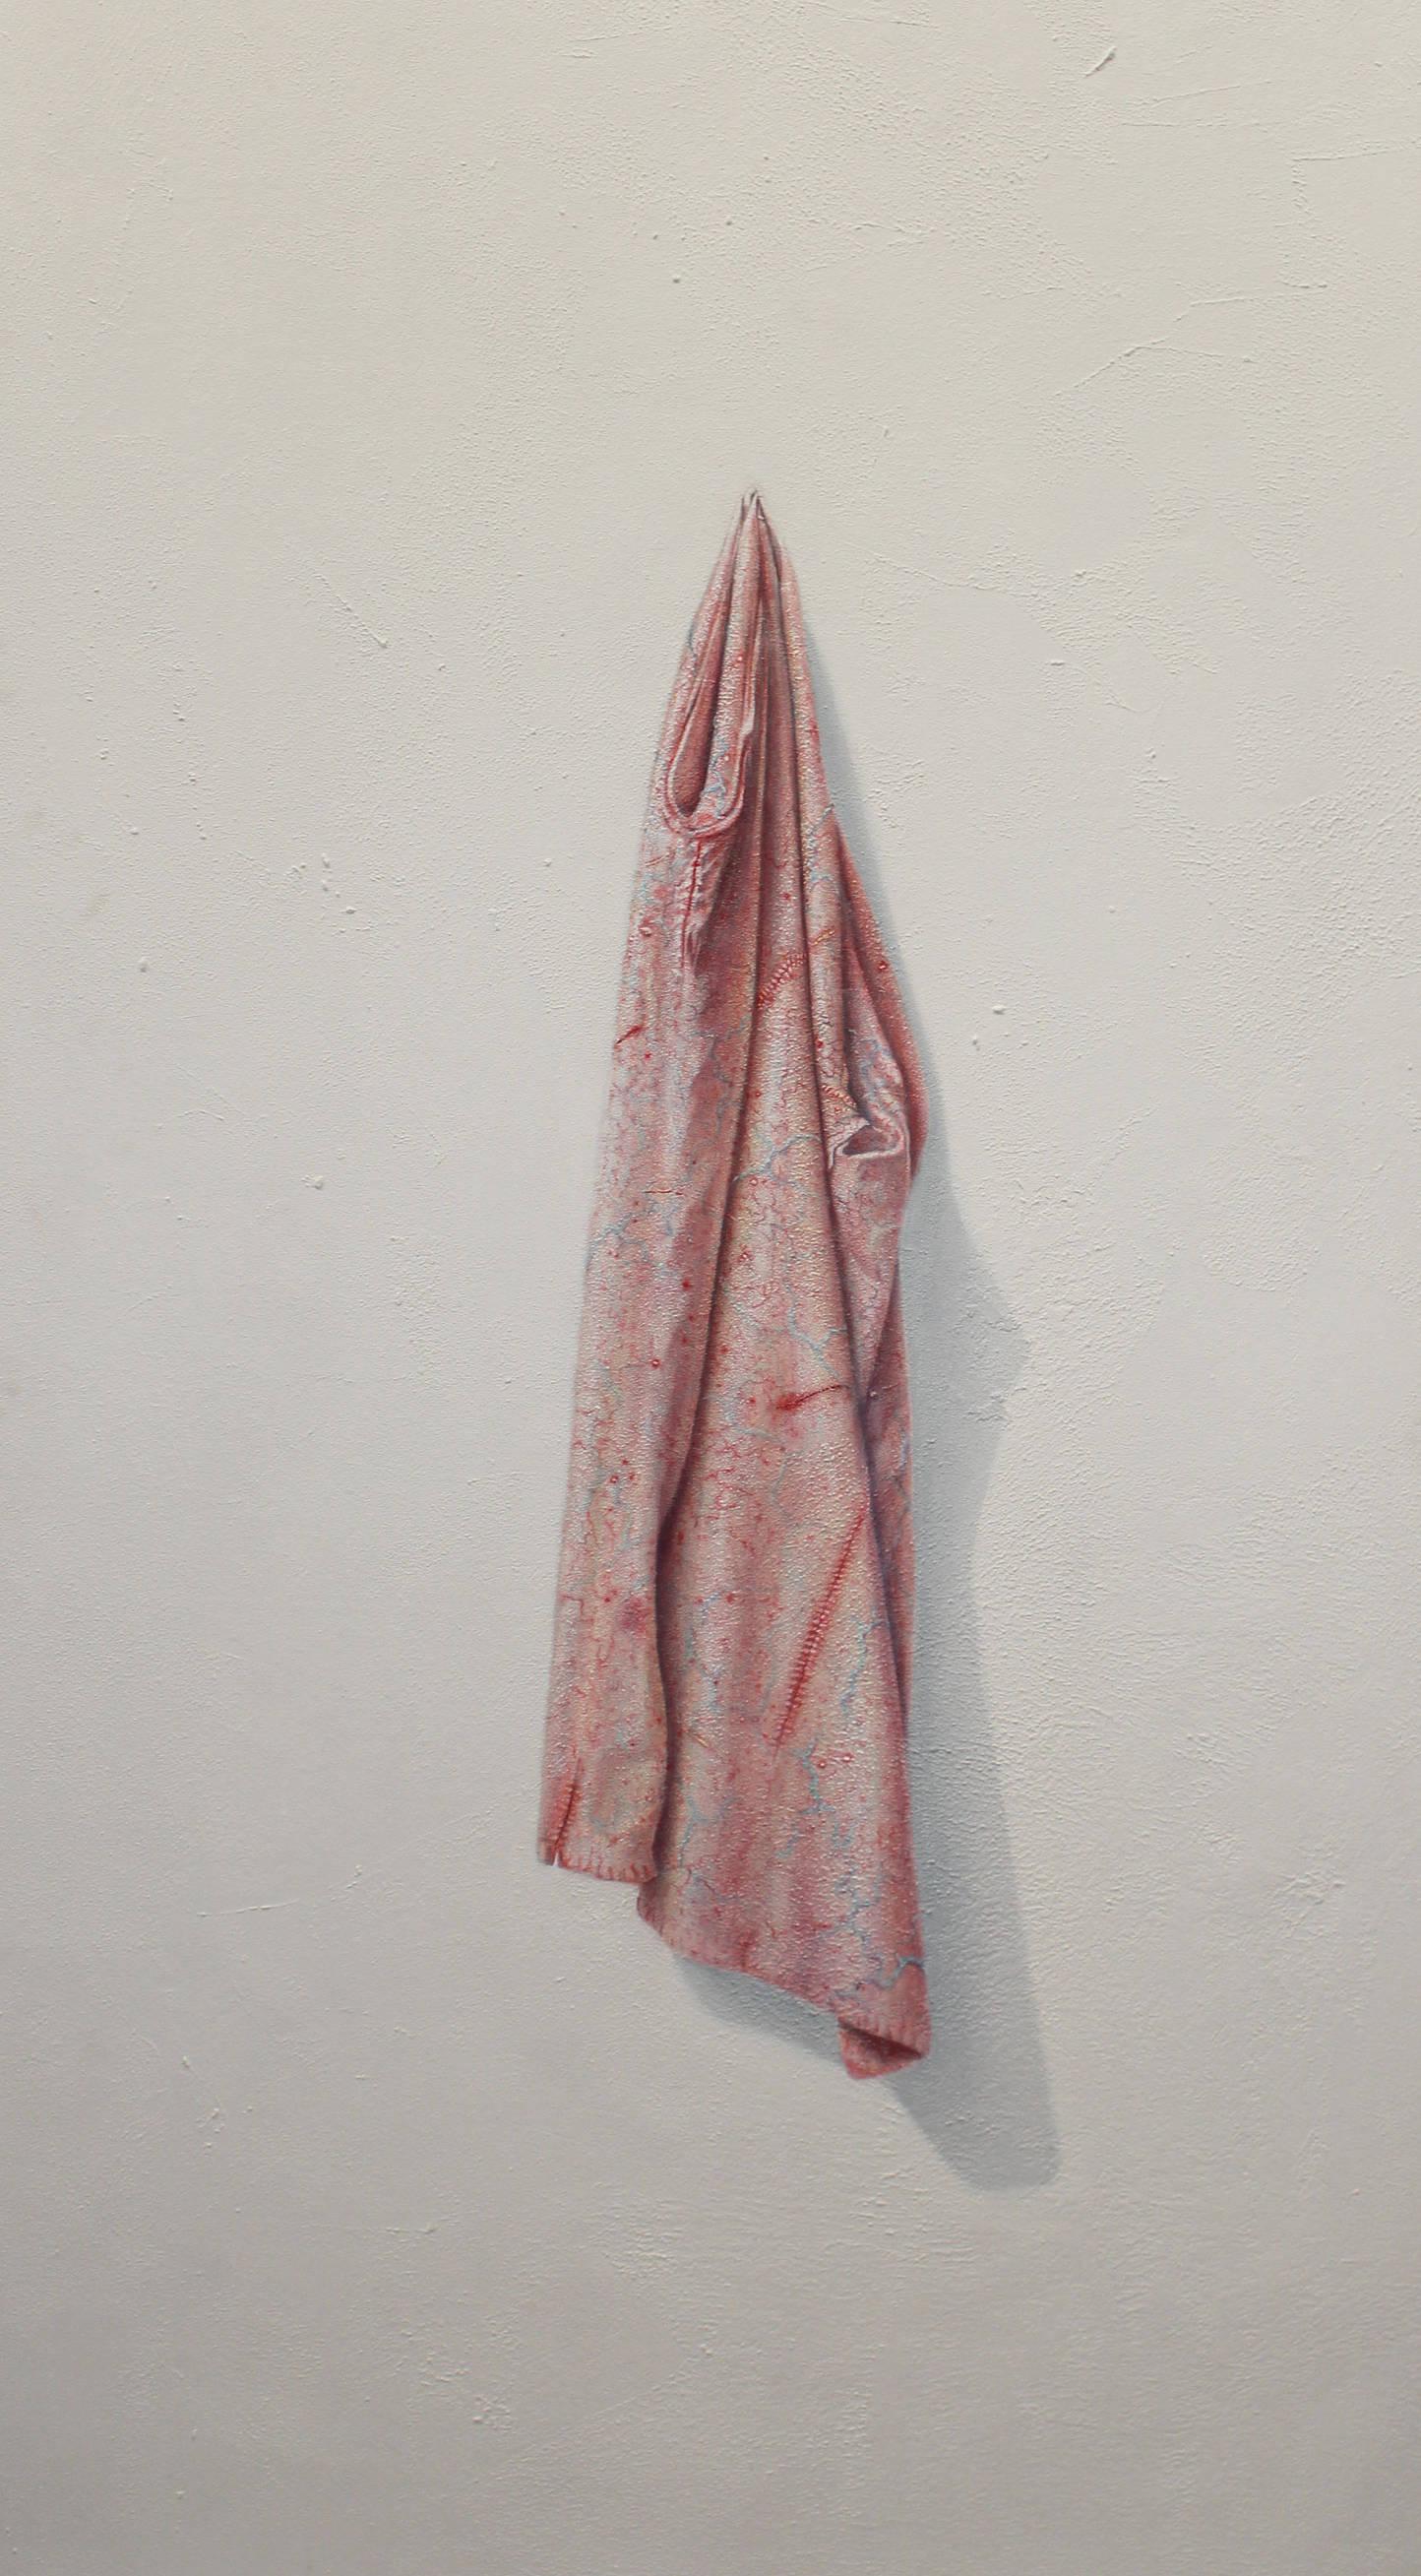 Die Haut, après Beuys, Bruno Dufour-Coppolani, 2016.